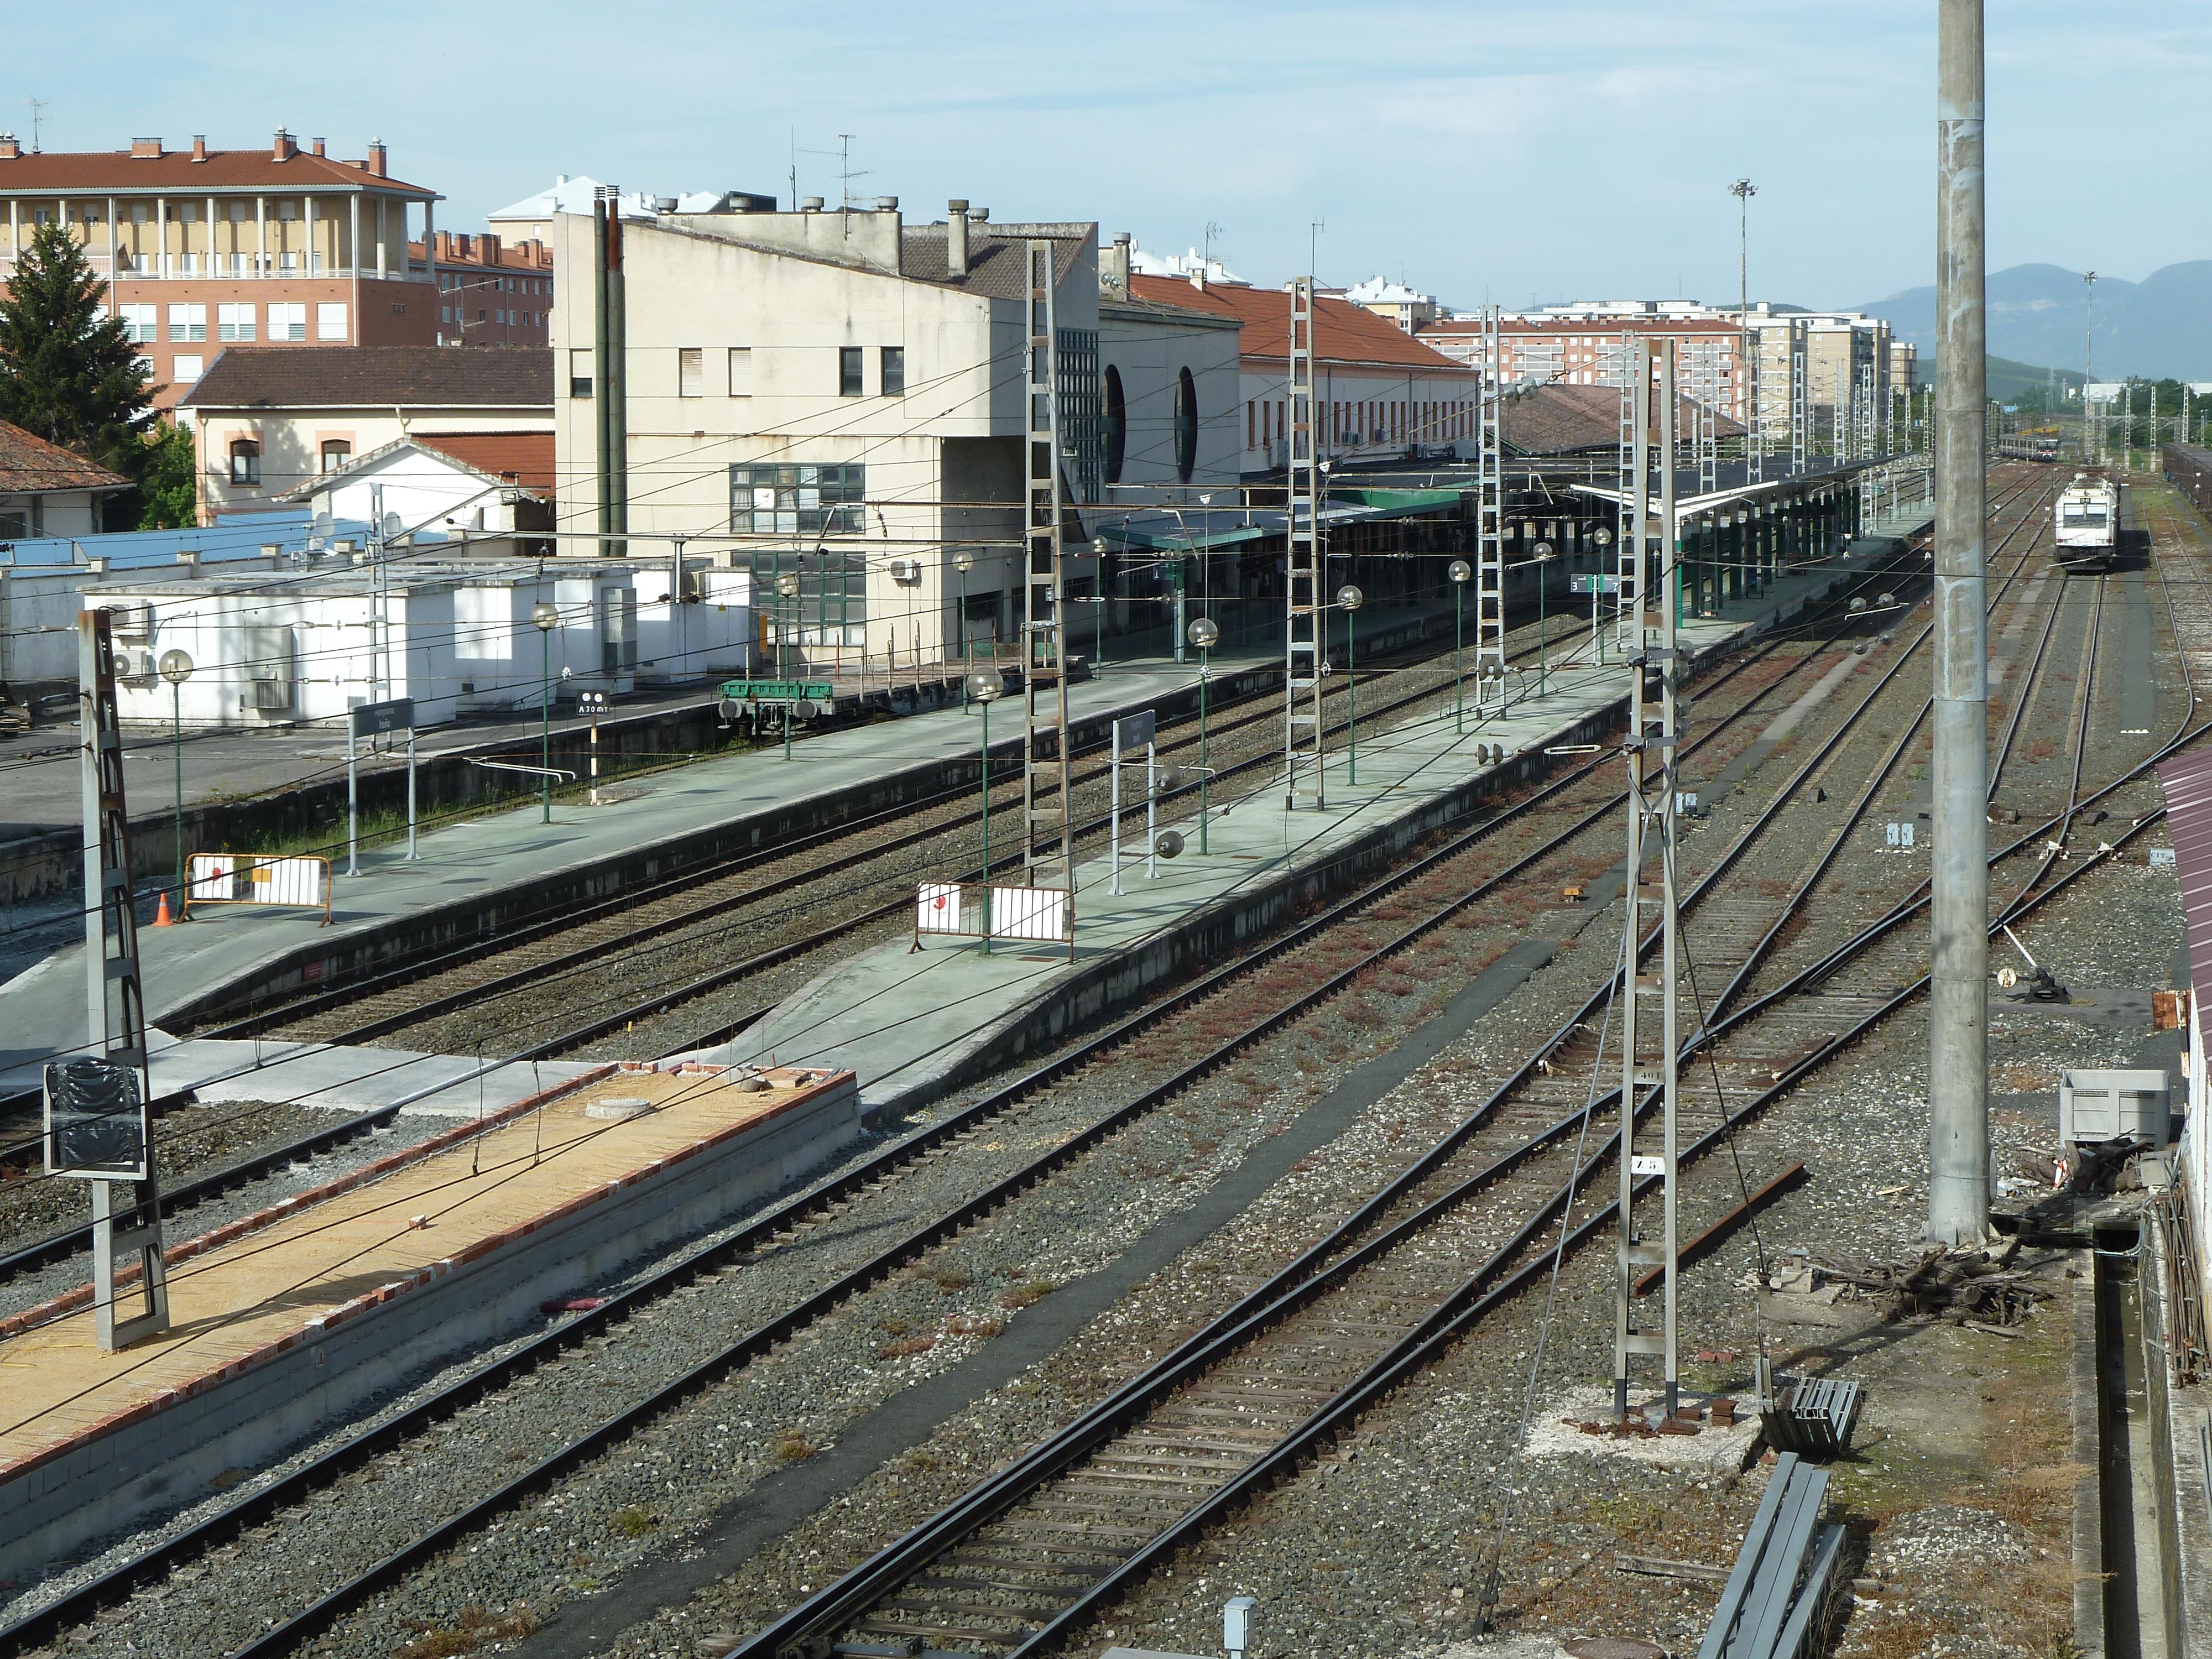 Pamplona railway station - Wikipedia